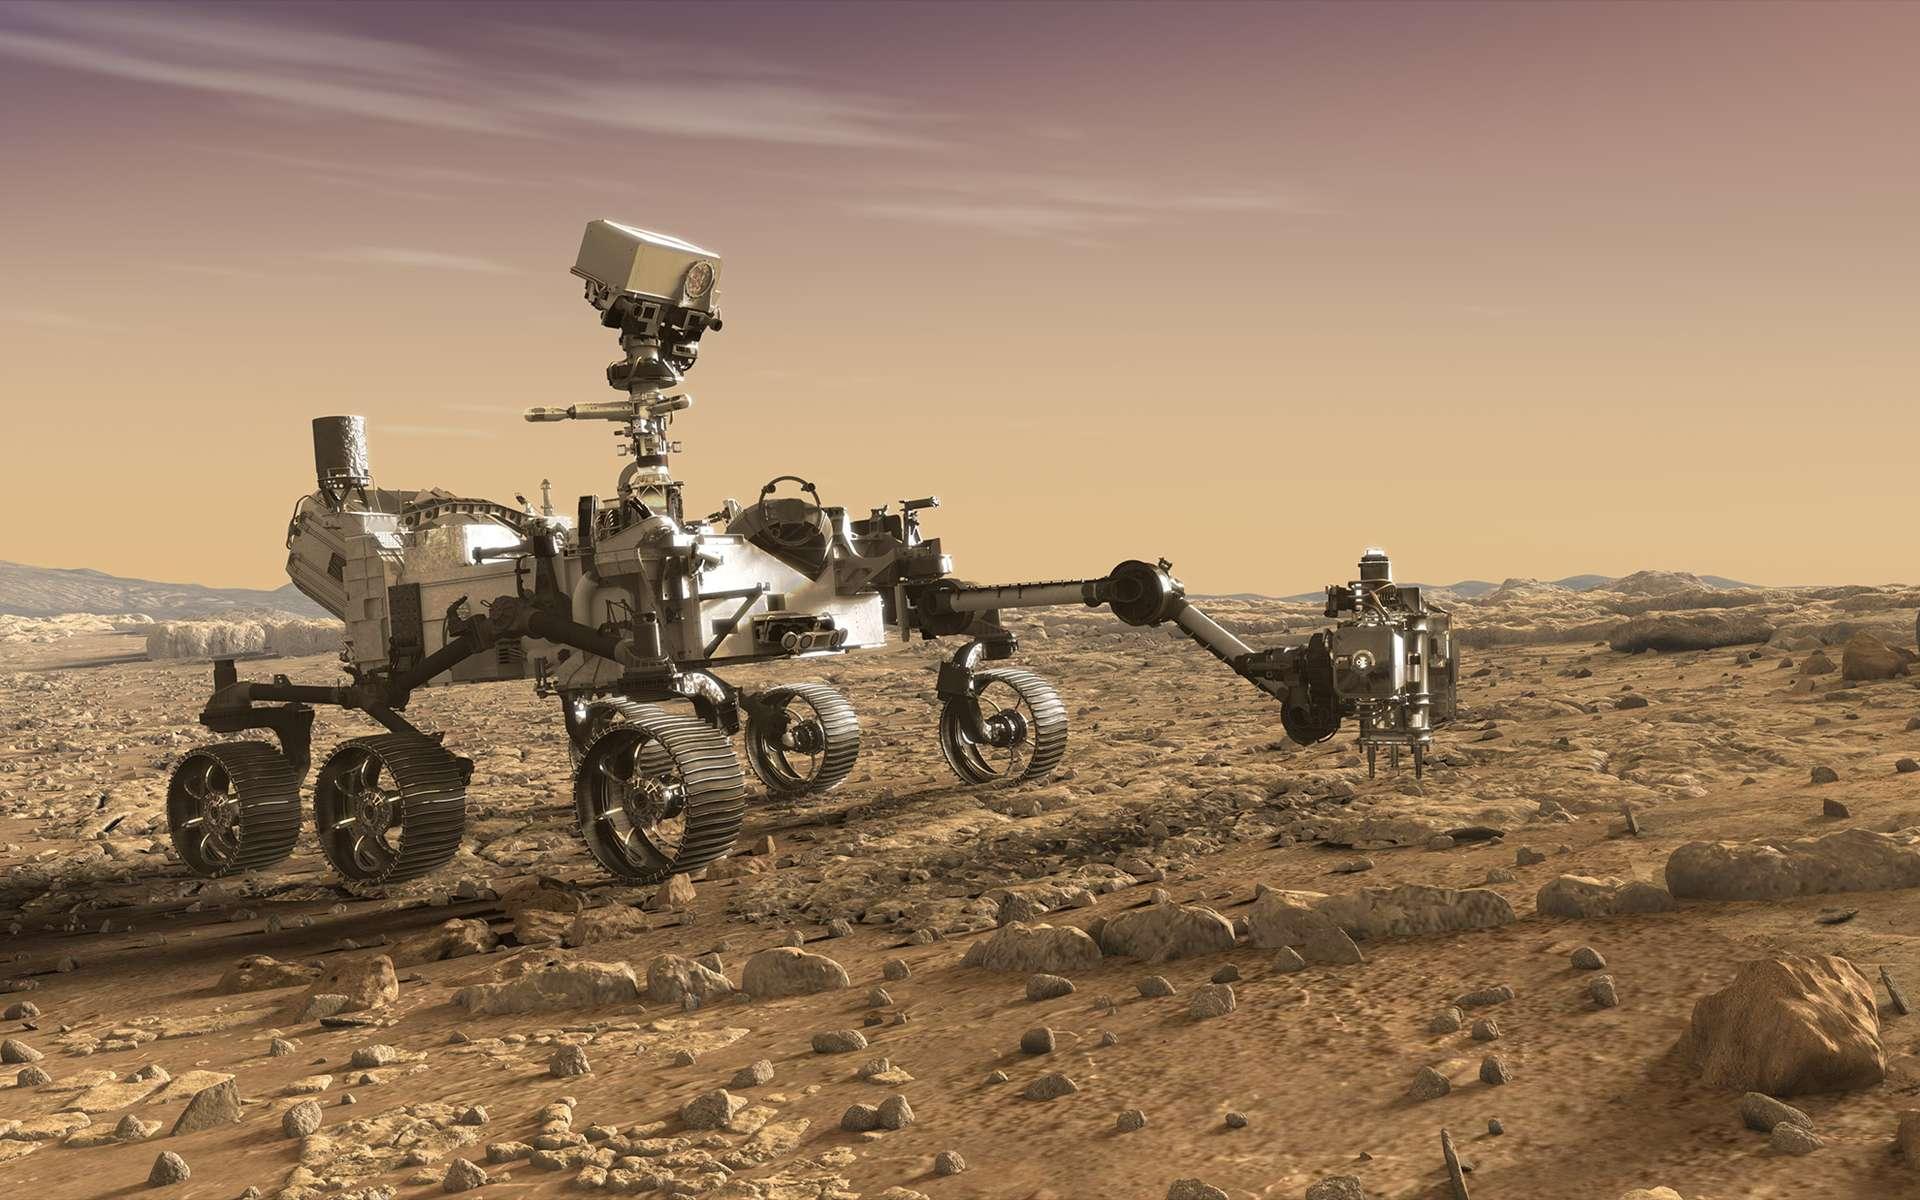 Vue d'artiste du rover Mars 2020. Afin de réduire les coûts et les risques technologiques, ce rover est construit autour de la même plateforme que Curiosity. Ce qui explique leur très forte ressemblance. © Nasa, JPL-Caltech